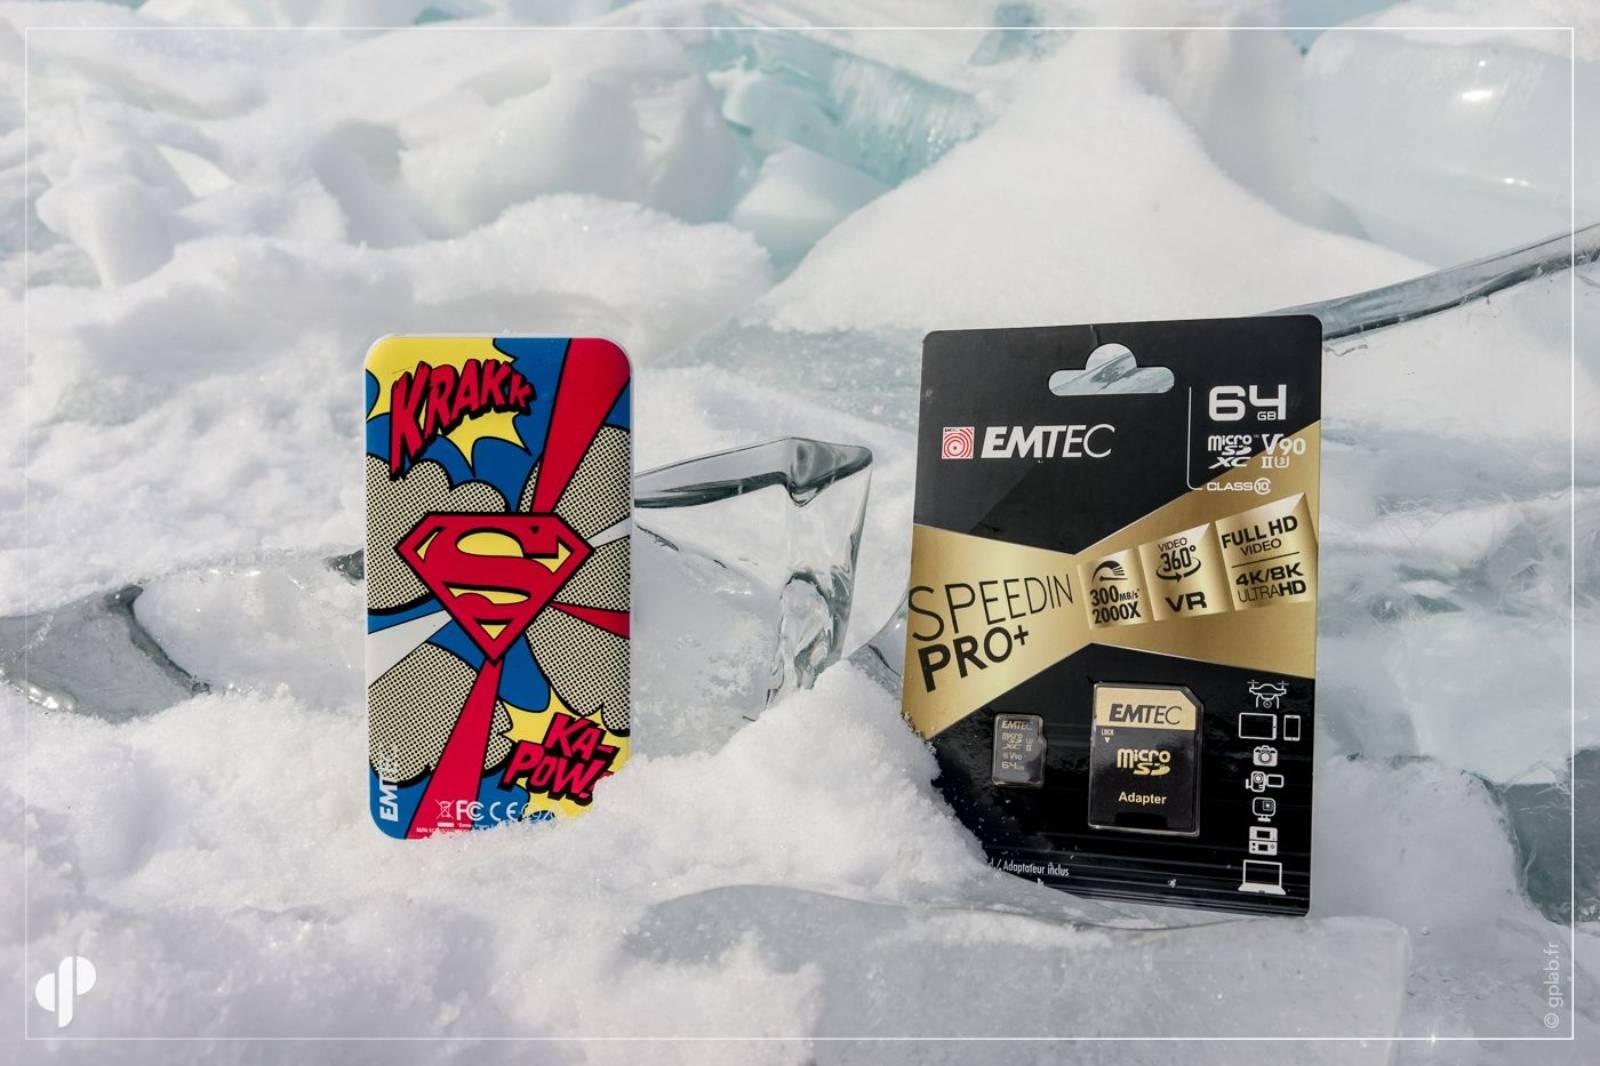 carte SD et batterie externe Emtec